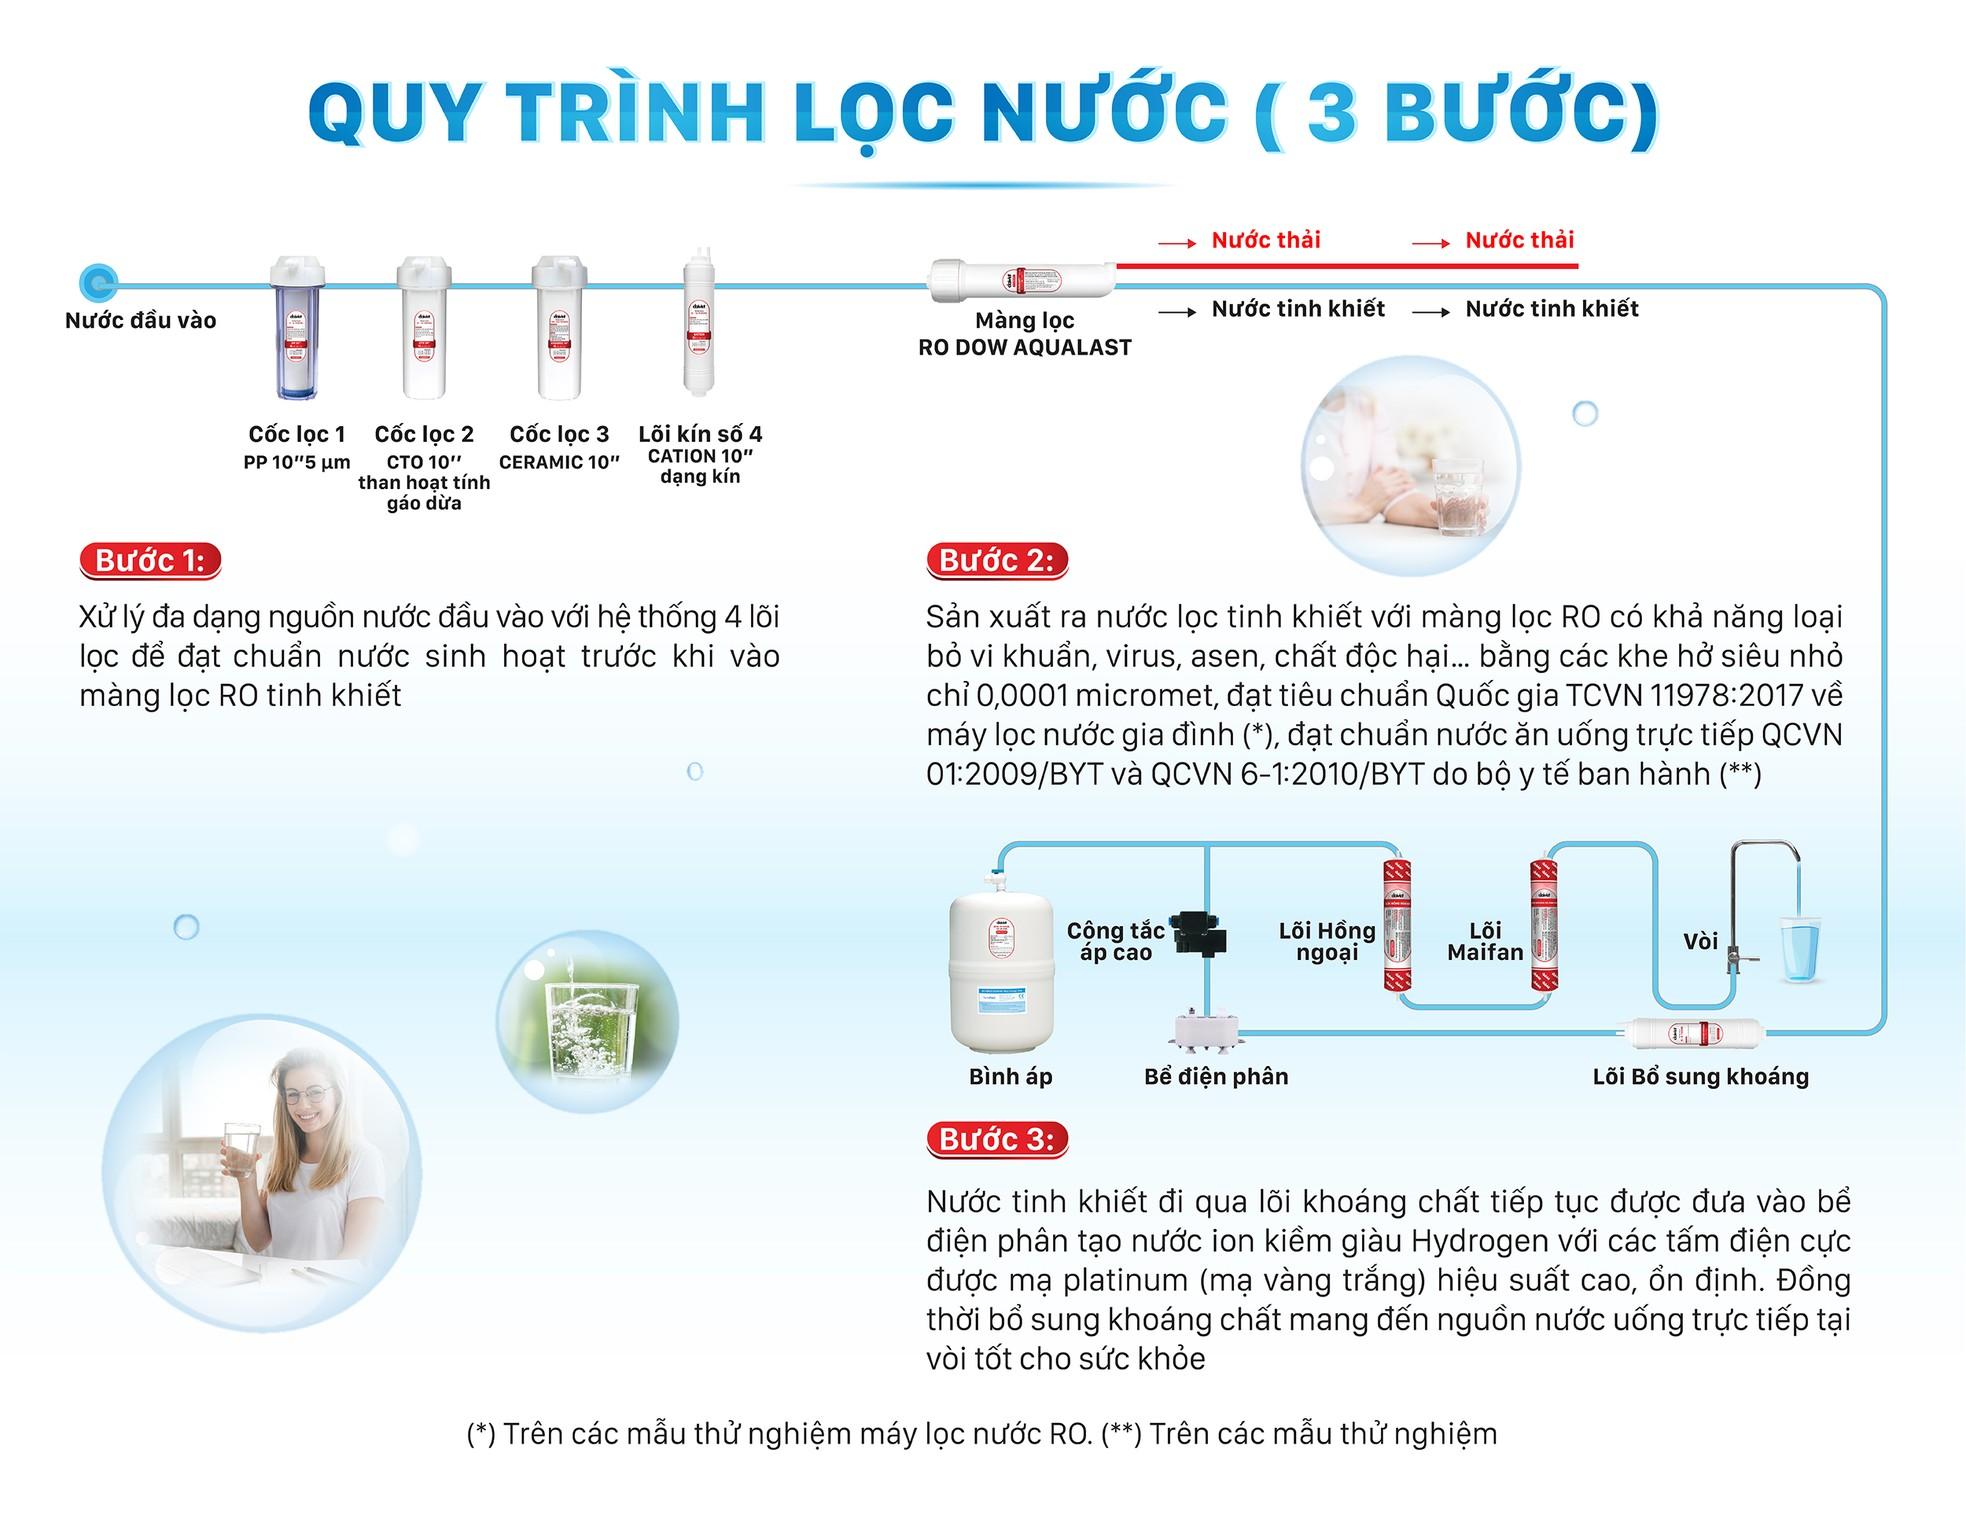 Máy lọc nước ion kiềm mang nước tốt cho sức khỏe người Việt ảnh 5